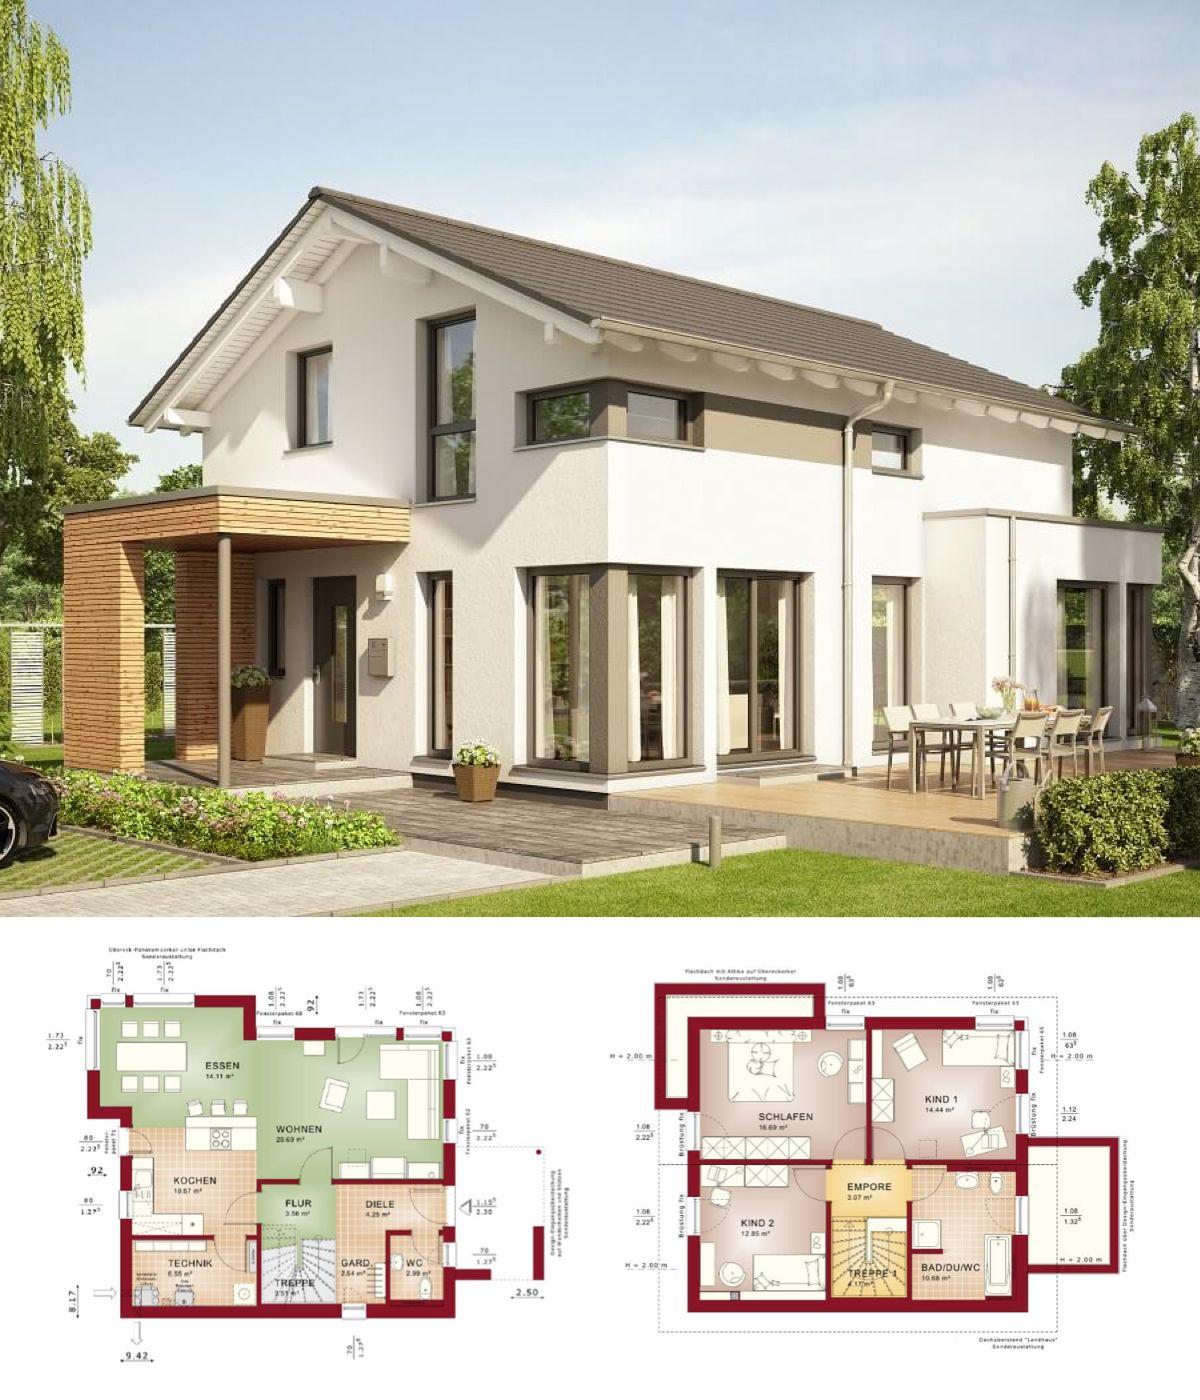 EINFAMILIENHAUS Modern   Haus Edition 1 V3 Bien Zenker   Fertighaus Bauen  Satteldach Grundriss Offen Küche